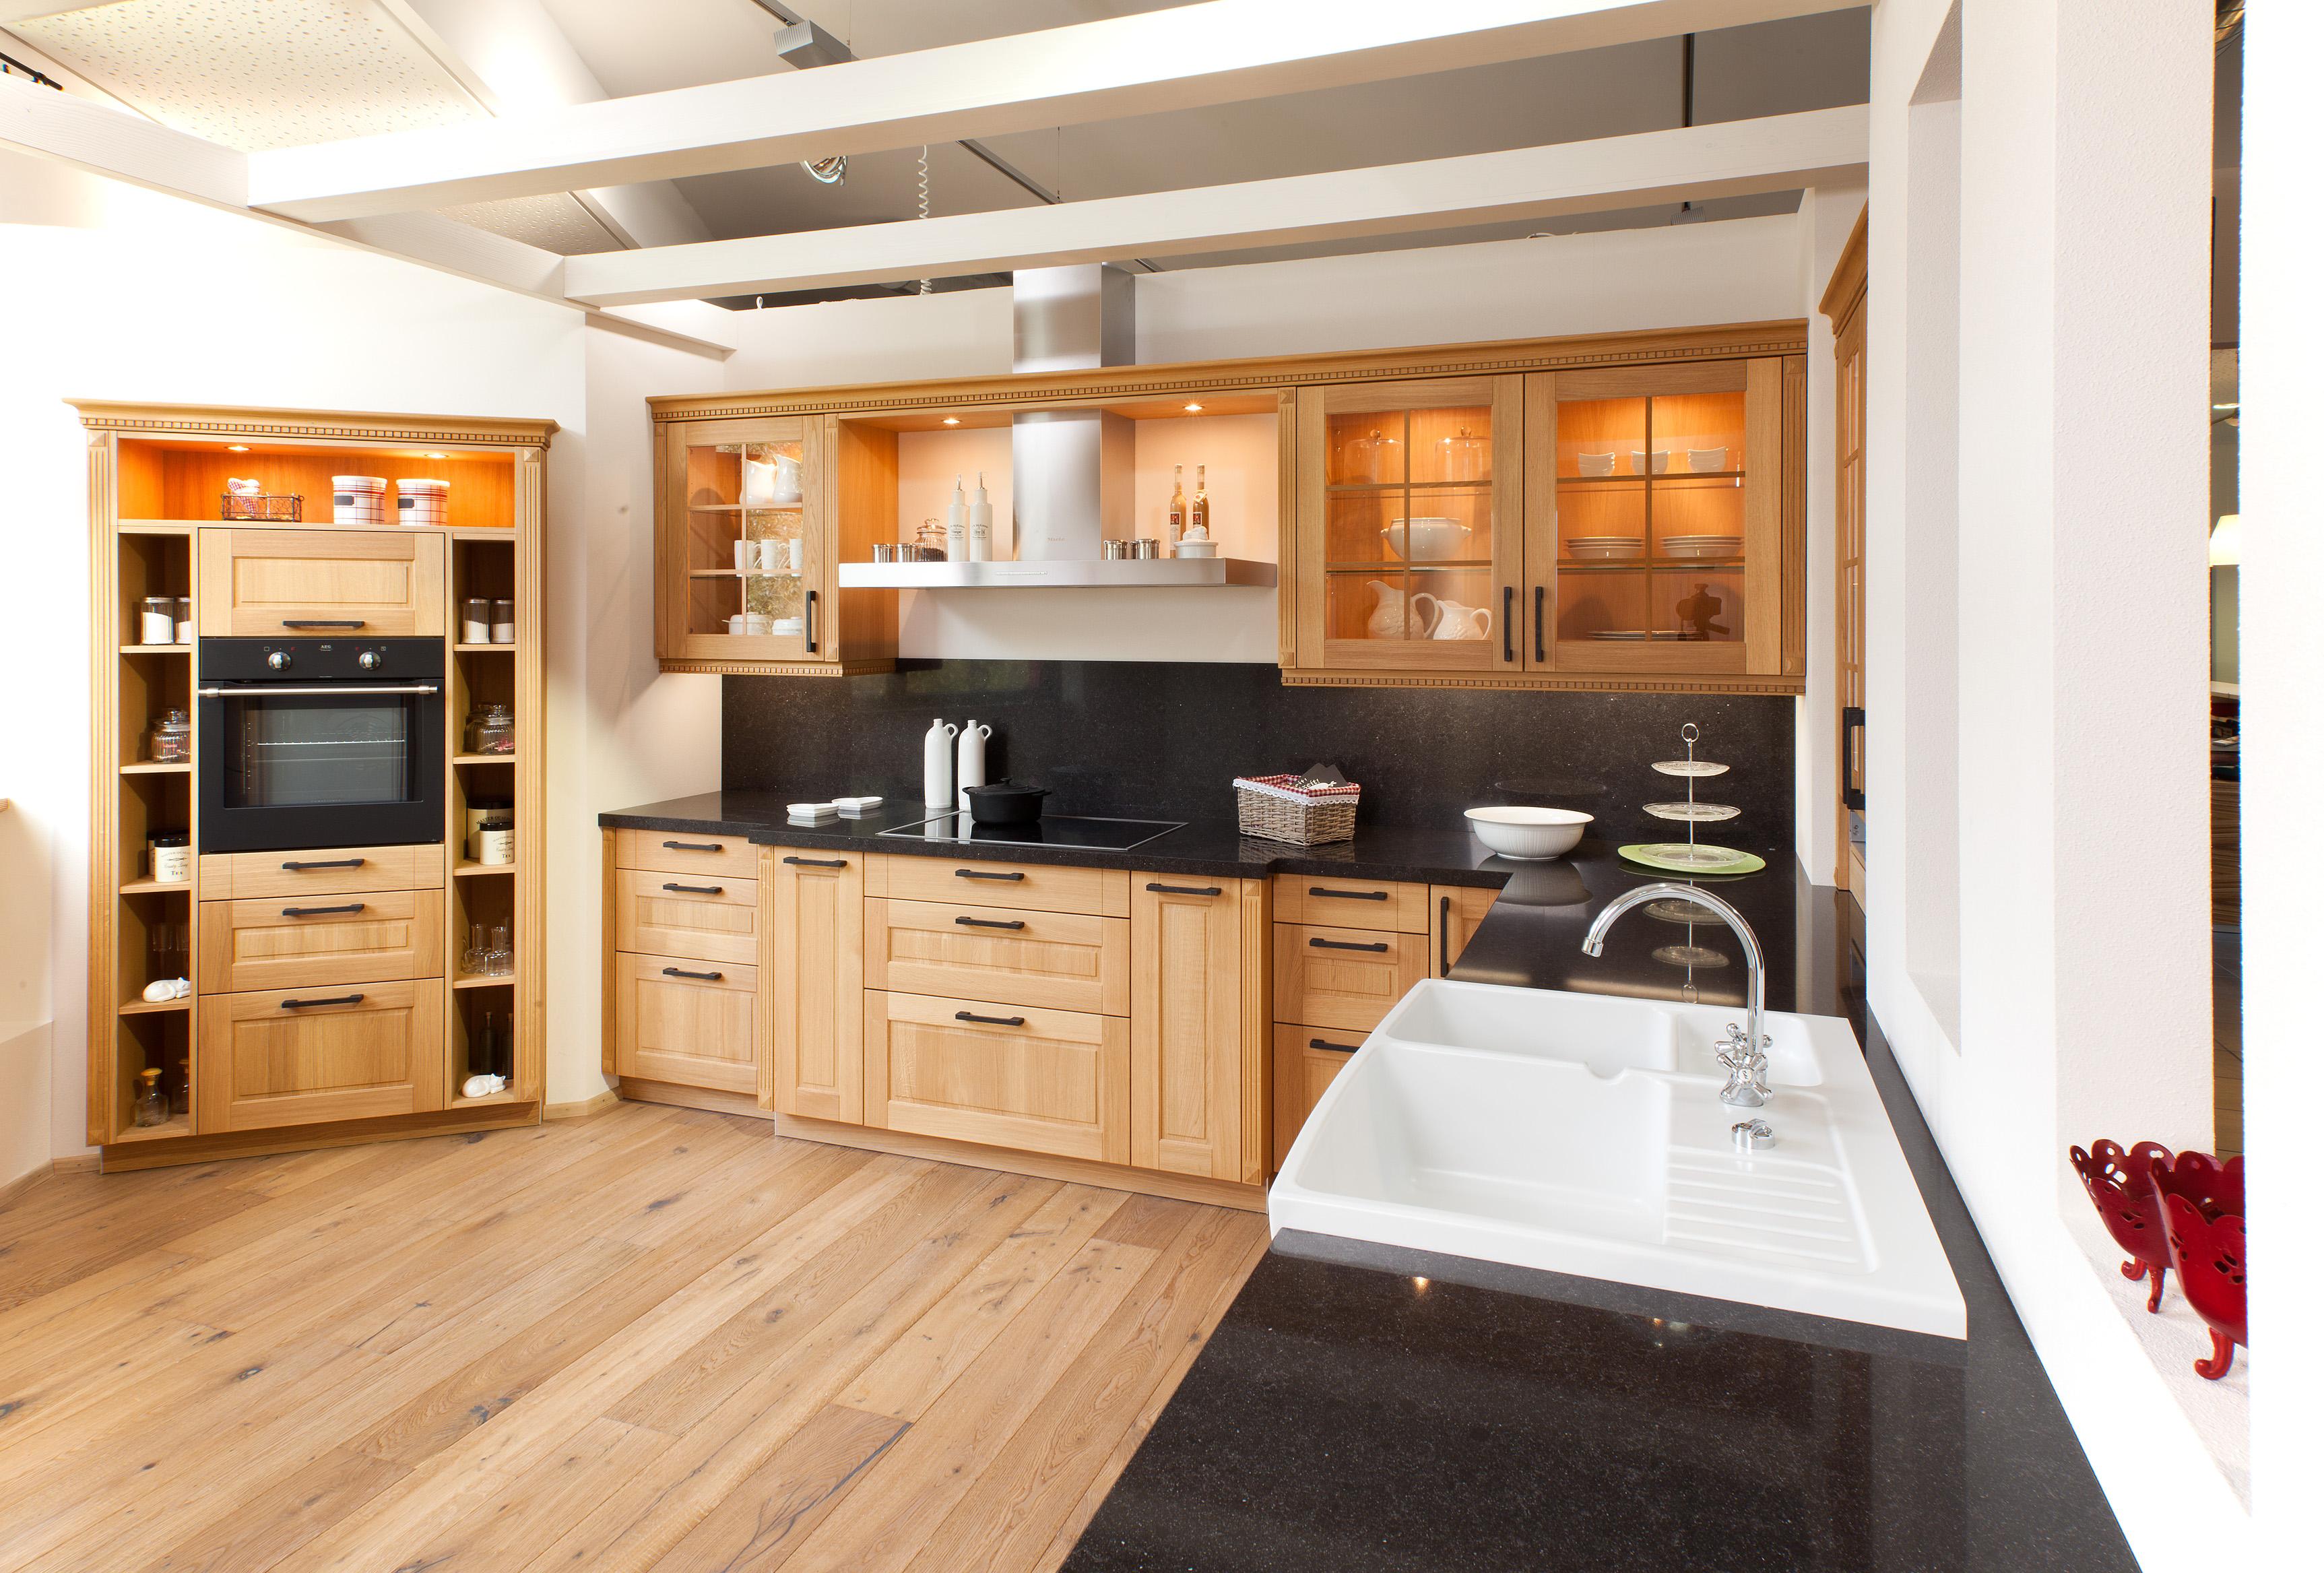 Awesome Küche 70er Stil Images - Milbank.us - milbank.us